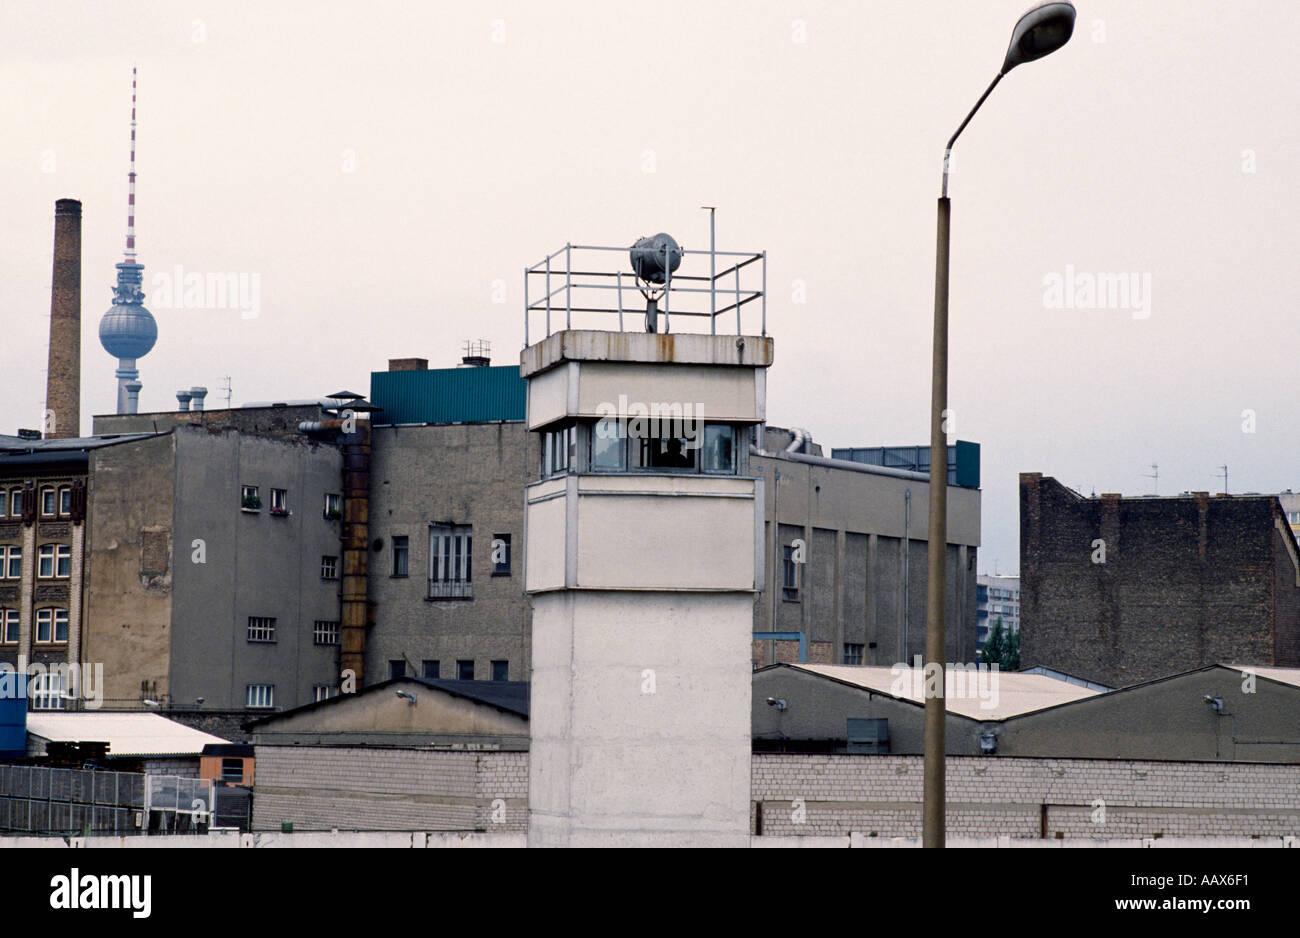 La historia de Europa. El histórico Muro de Berlín y la atalaya en el oeste de Berlín, en Alemania, en Europa durante la Guerra Fría. Imagen De Stock